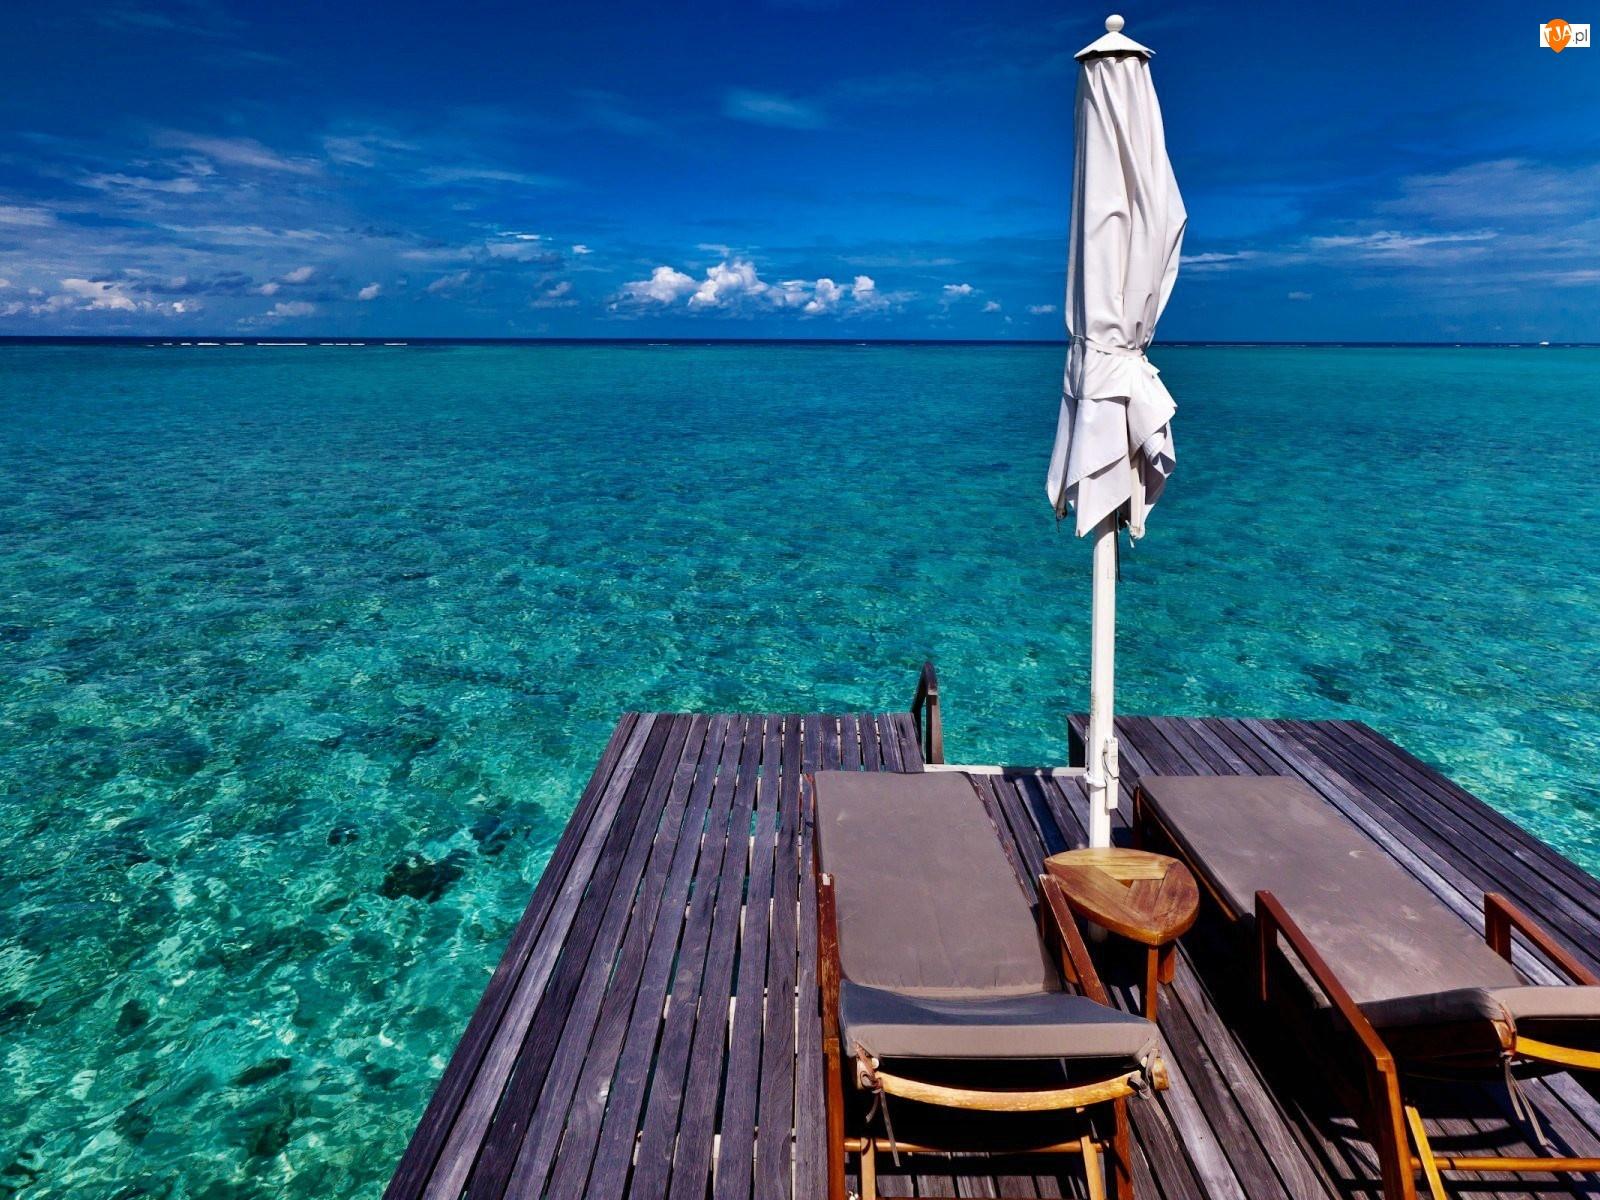 Relaks, Ocean, Woda, Krystaliczna, Leżaki